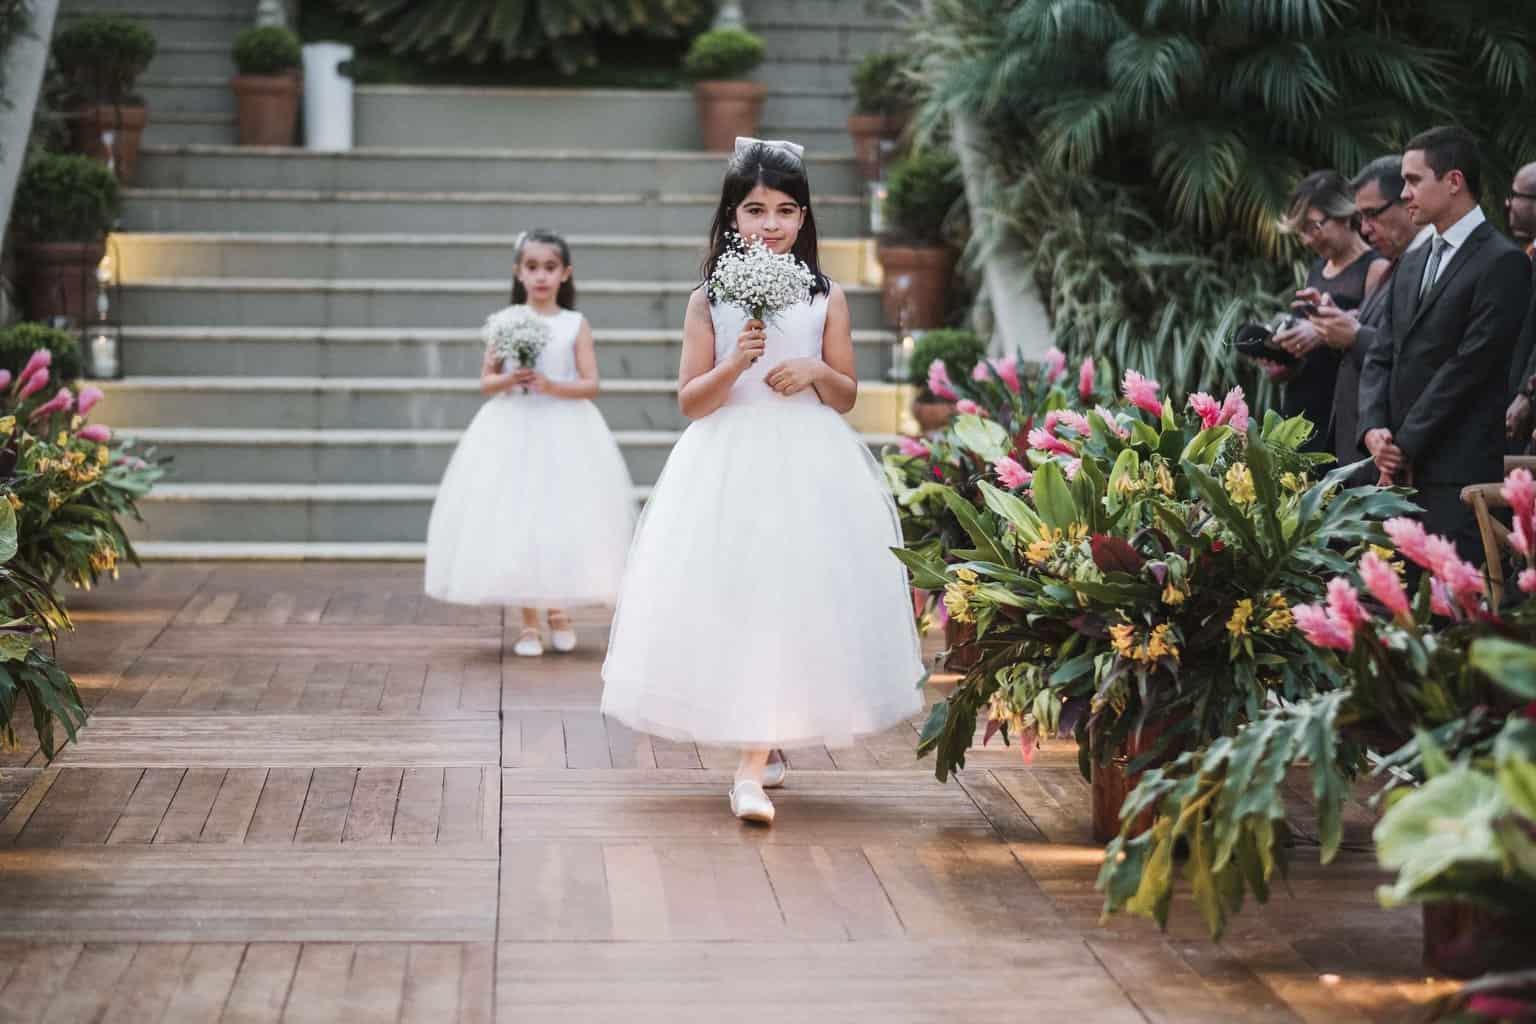 casamento-na-serra-cerimonia-ao-ar-livre-daminhas-Fotografia-Renata-Xavier-Les-Amies-Cerimonial-Locanda-Della-Mimosa-Natalia-e-Bruno346